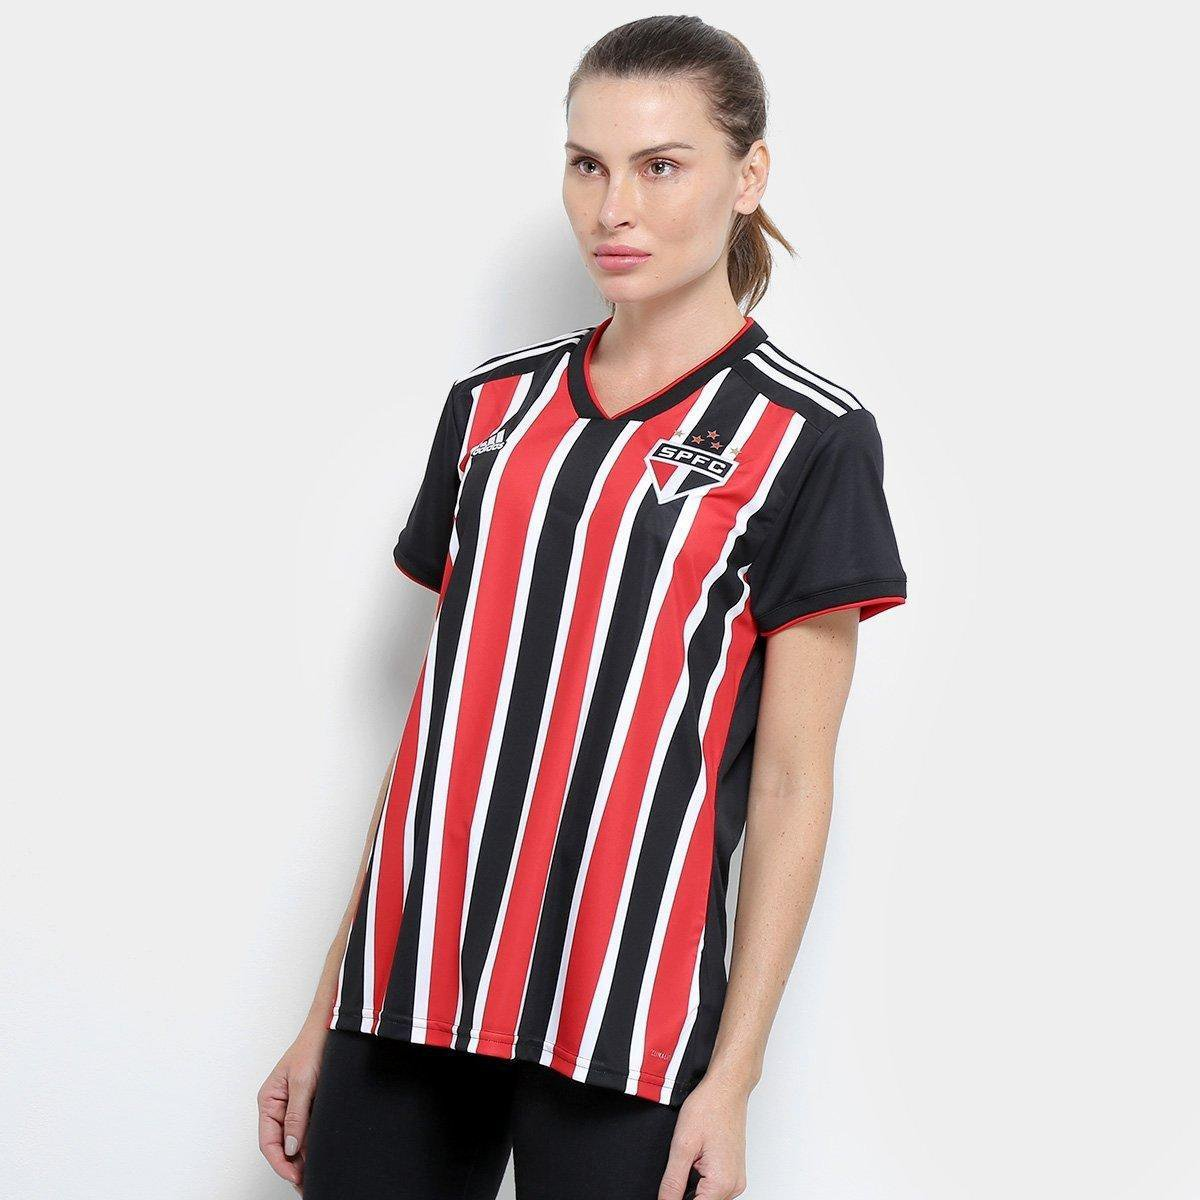 680805666e Camisa São Paulo II 2018 s/n° Torcedor Adidas Feminina - Vermelho e Branco  | São Paulo Mania